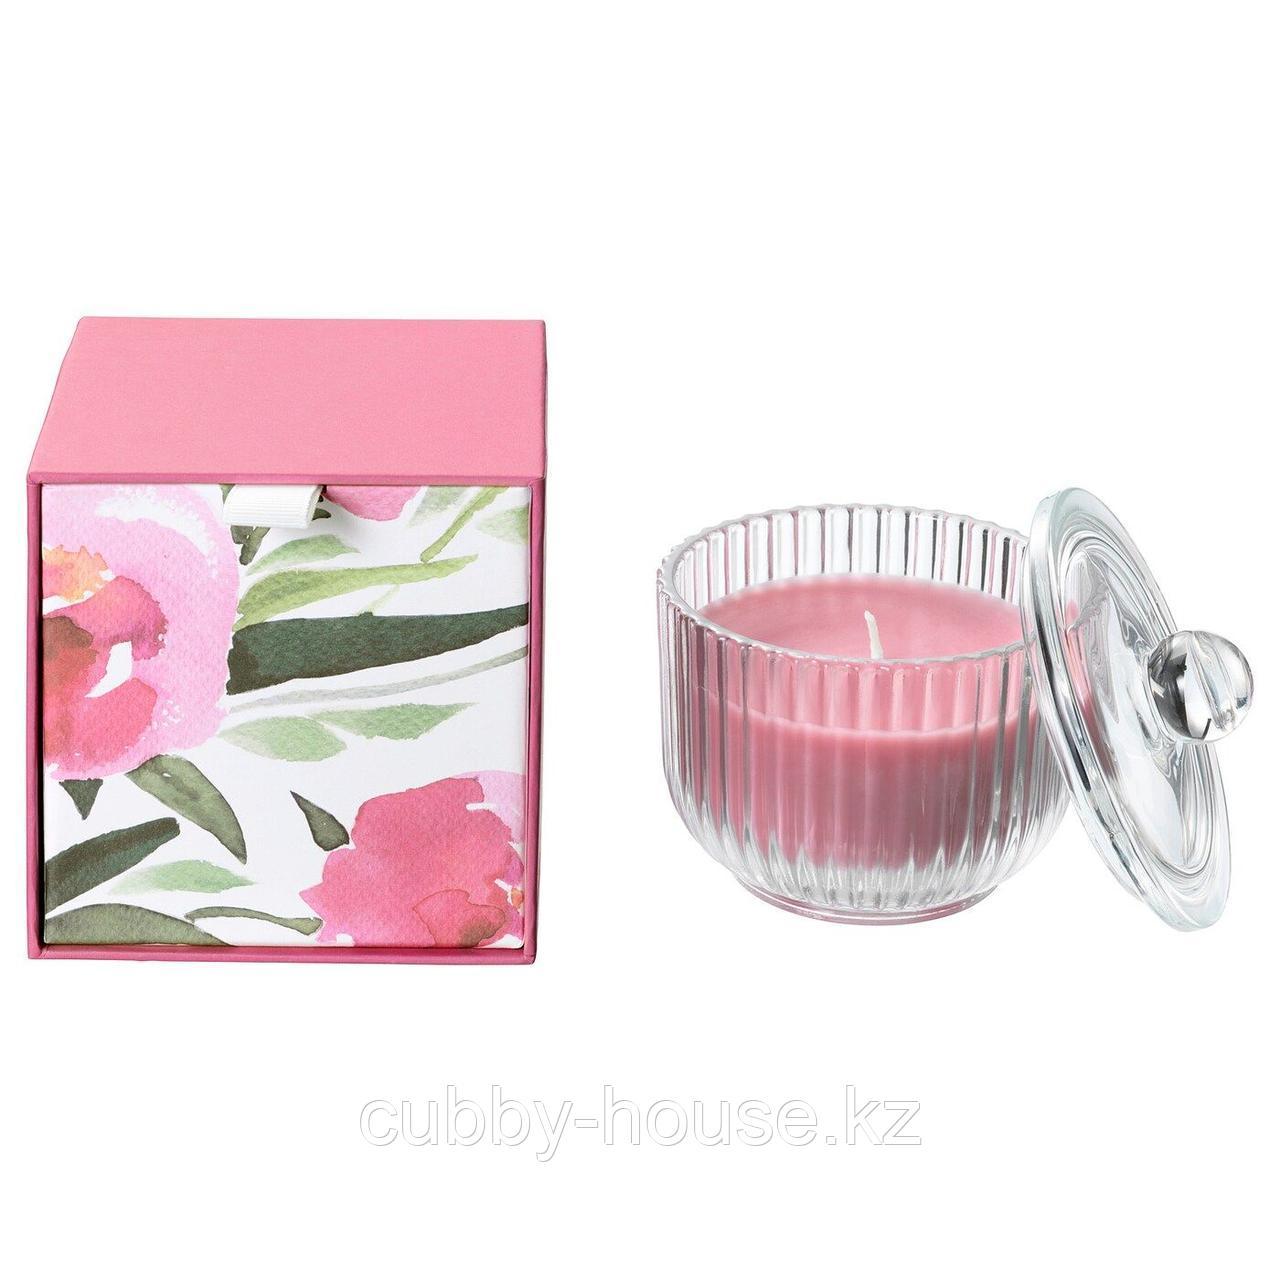 БЛОМДОРФ Ароматическая свеча в стакане, Пион, розовый, 9 см